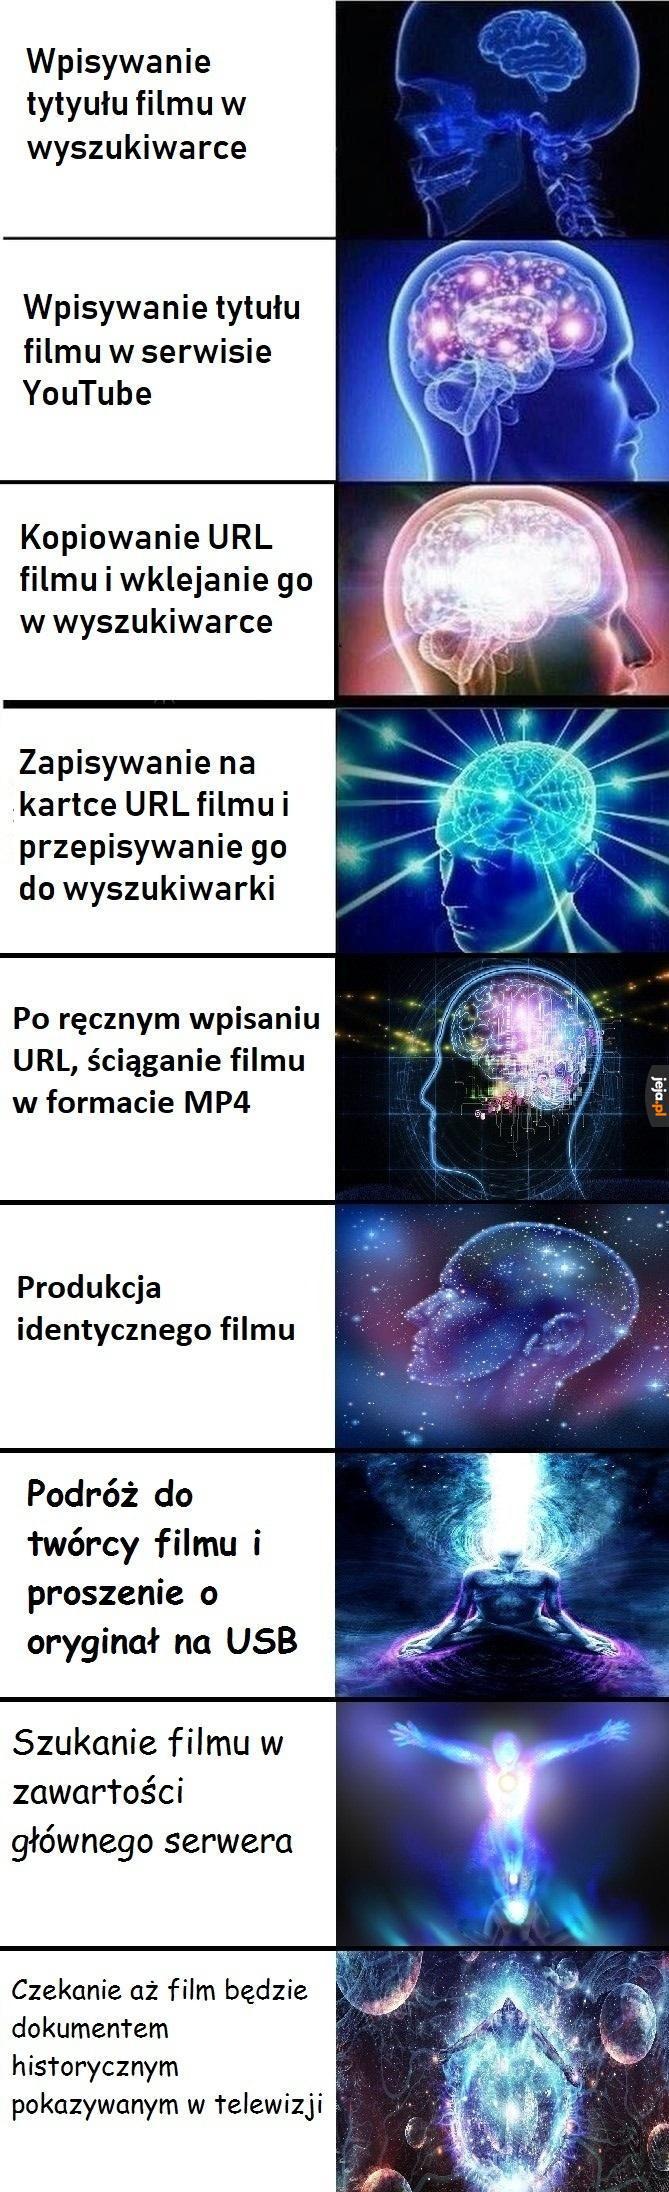 Filmy na YouTubie